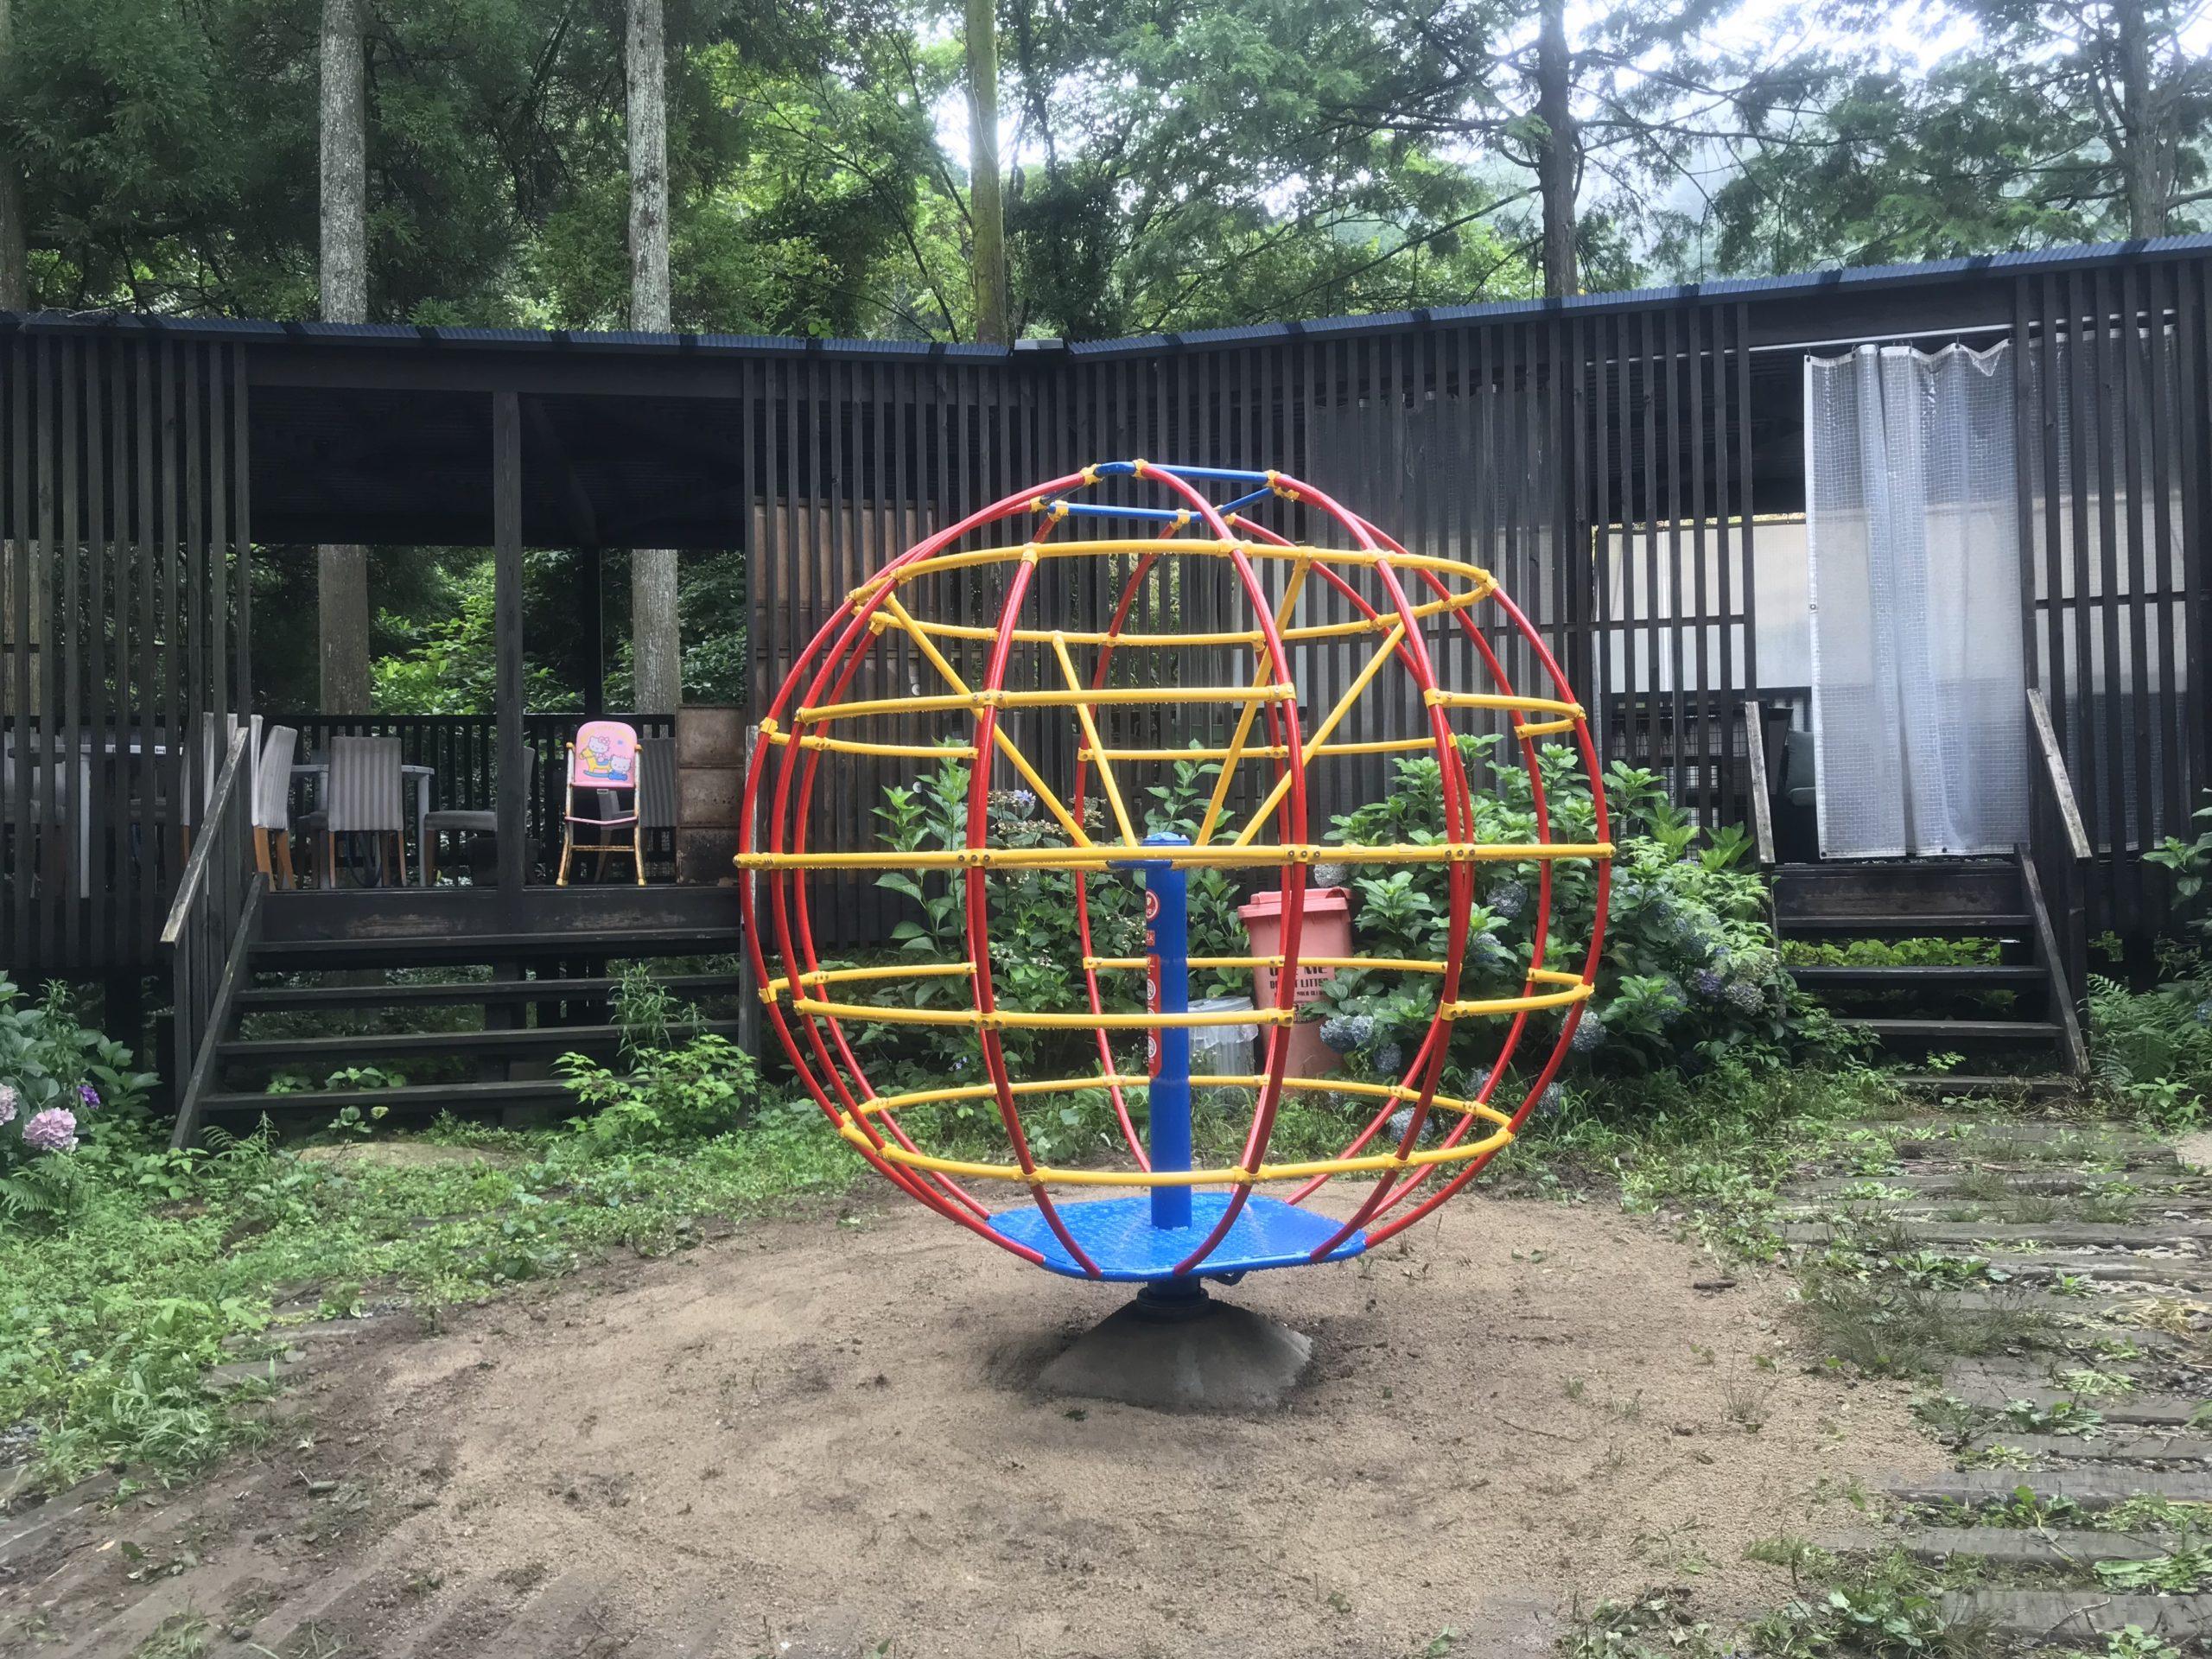 公園 回転ジャングルジム 中心軸と台が青 円形部分が赤と黄色のパイプ